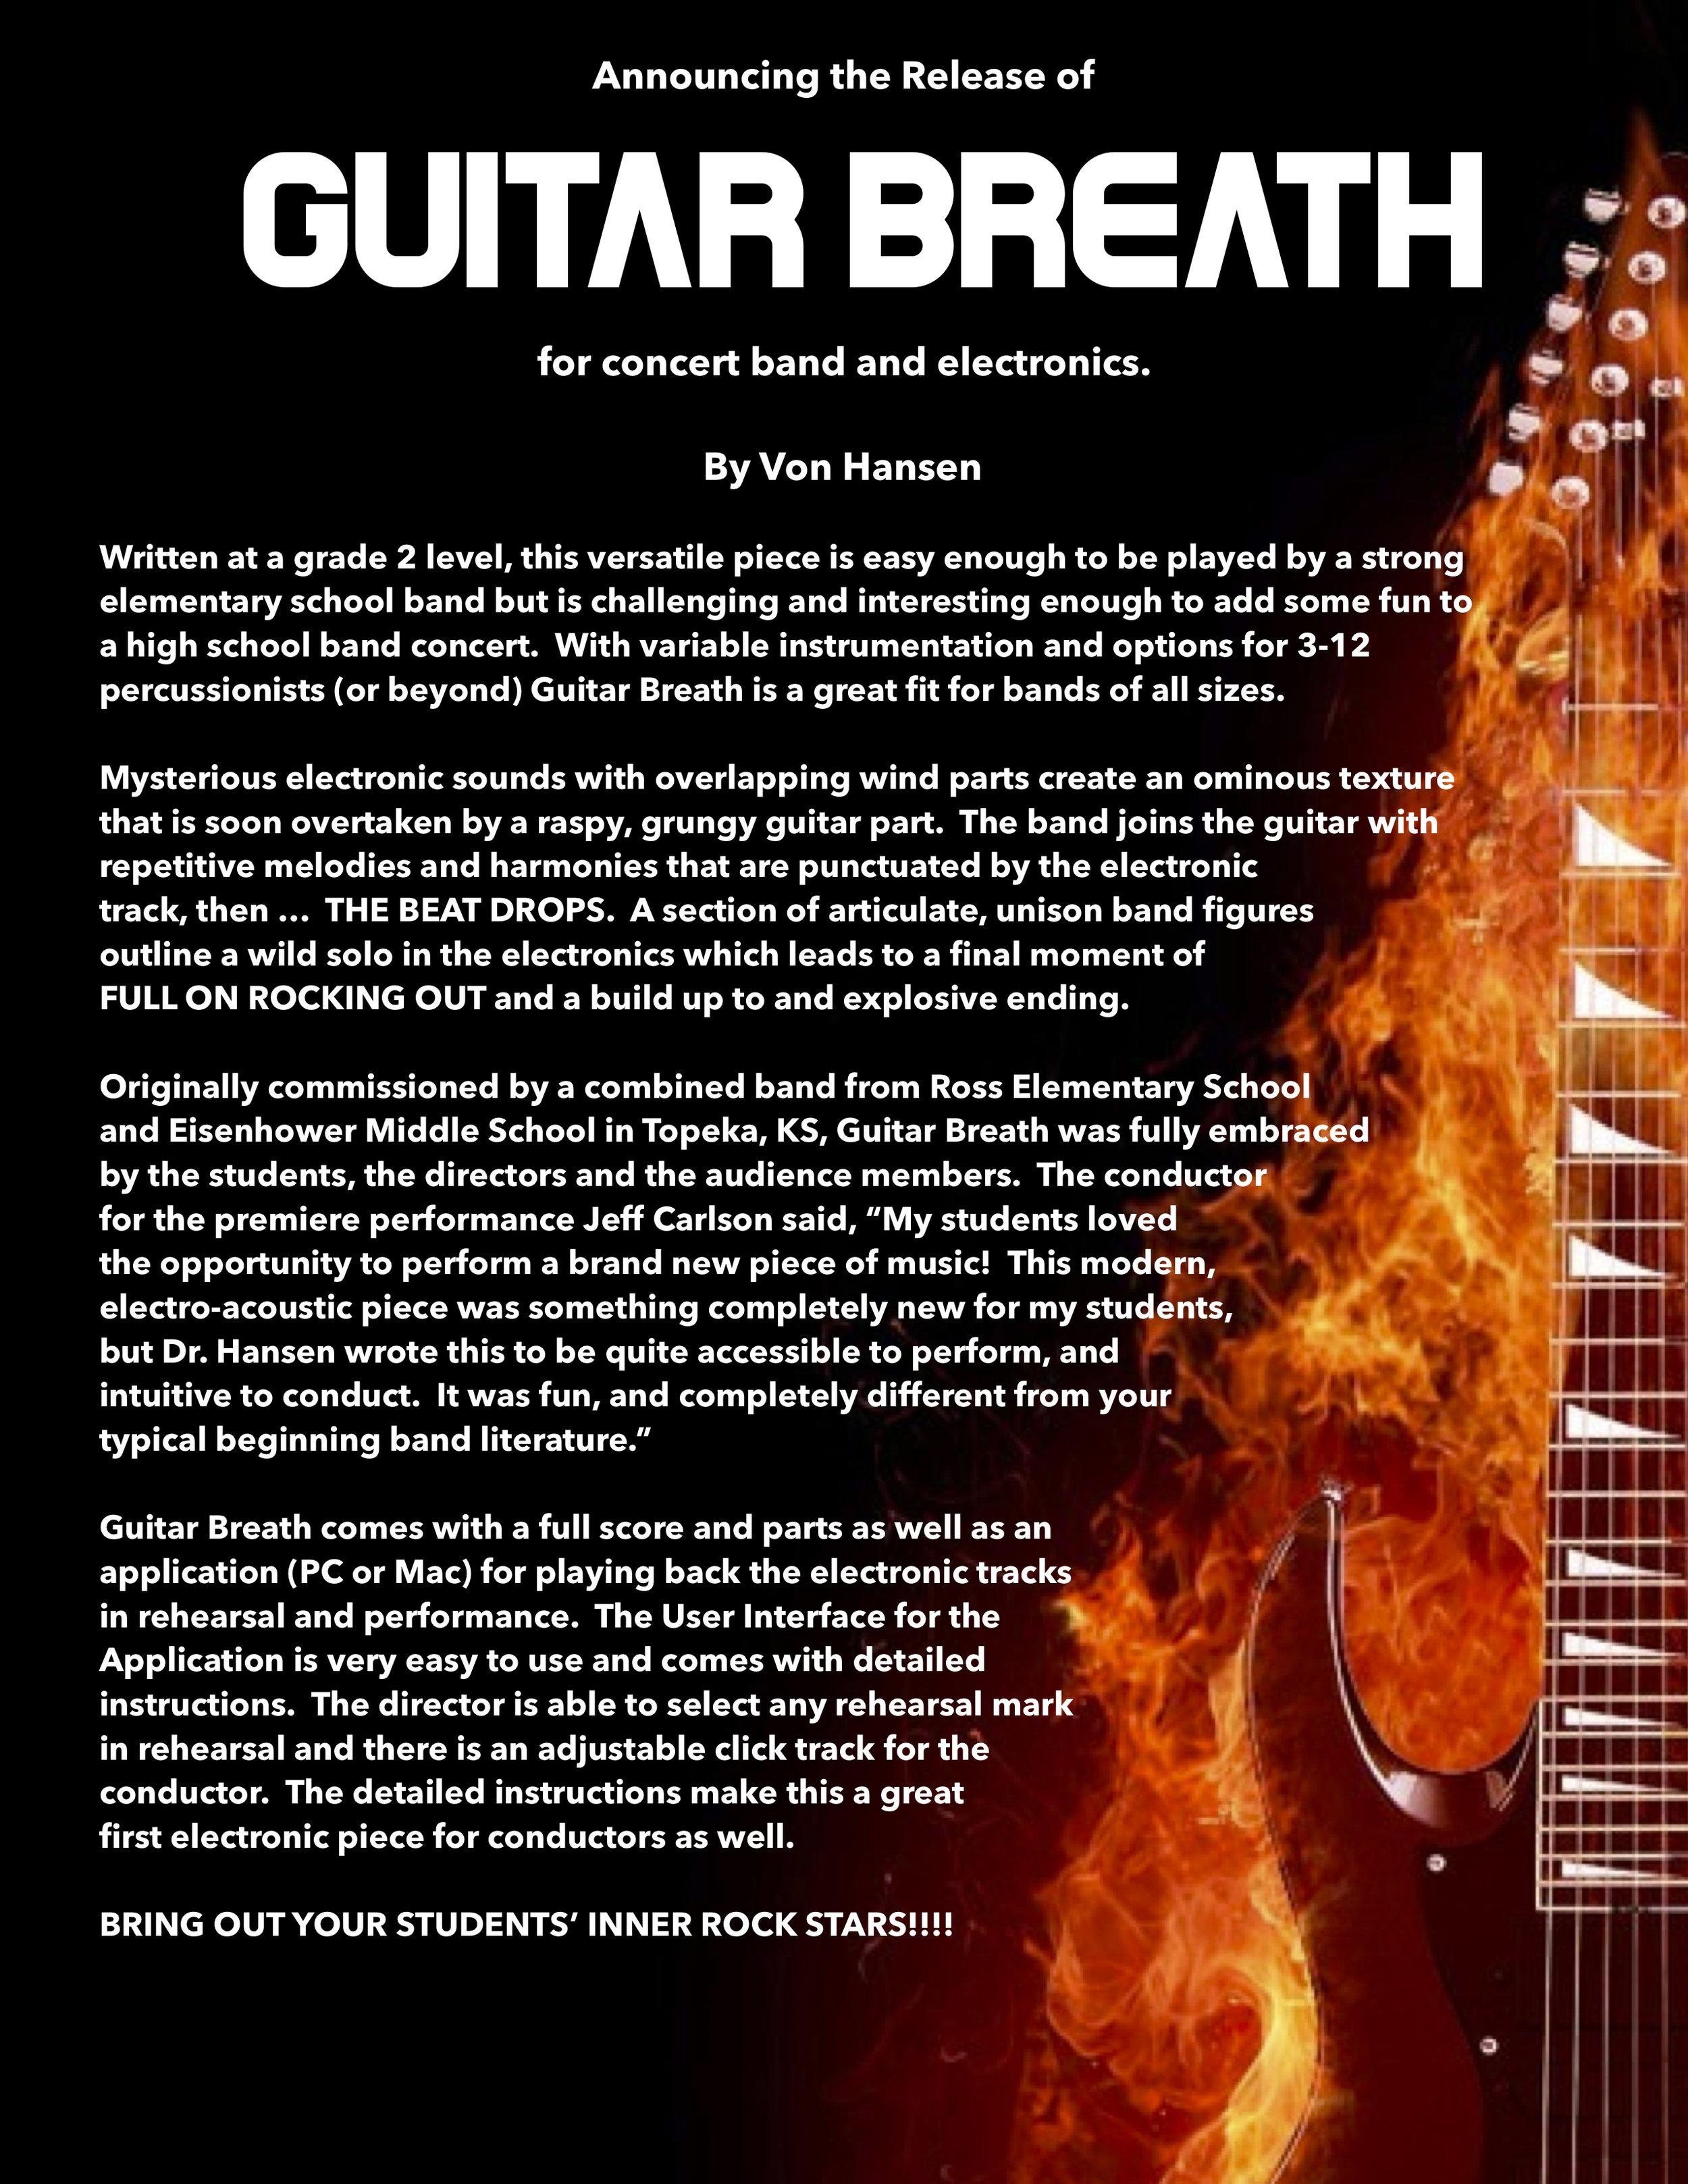 GuitarBreathPressReleaseONLINE.jpg